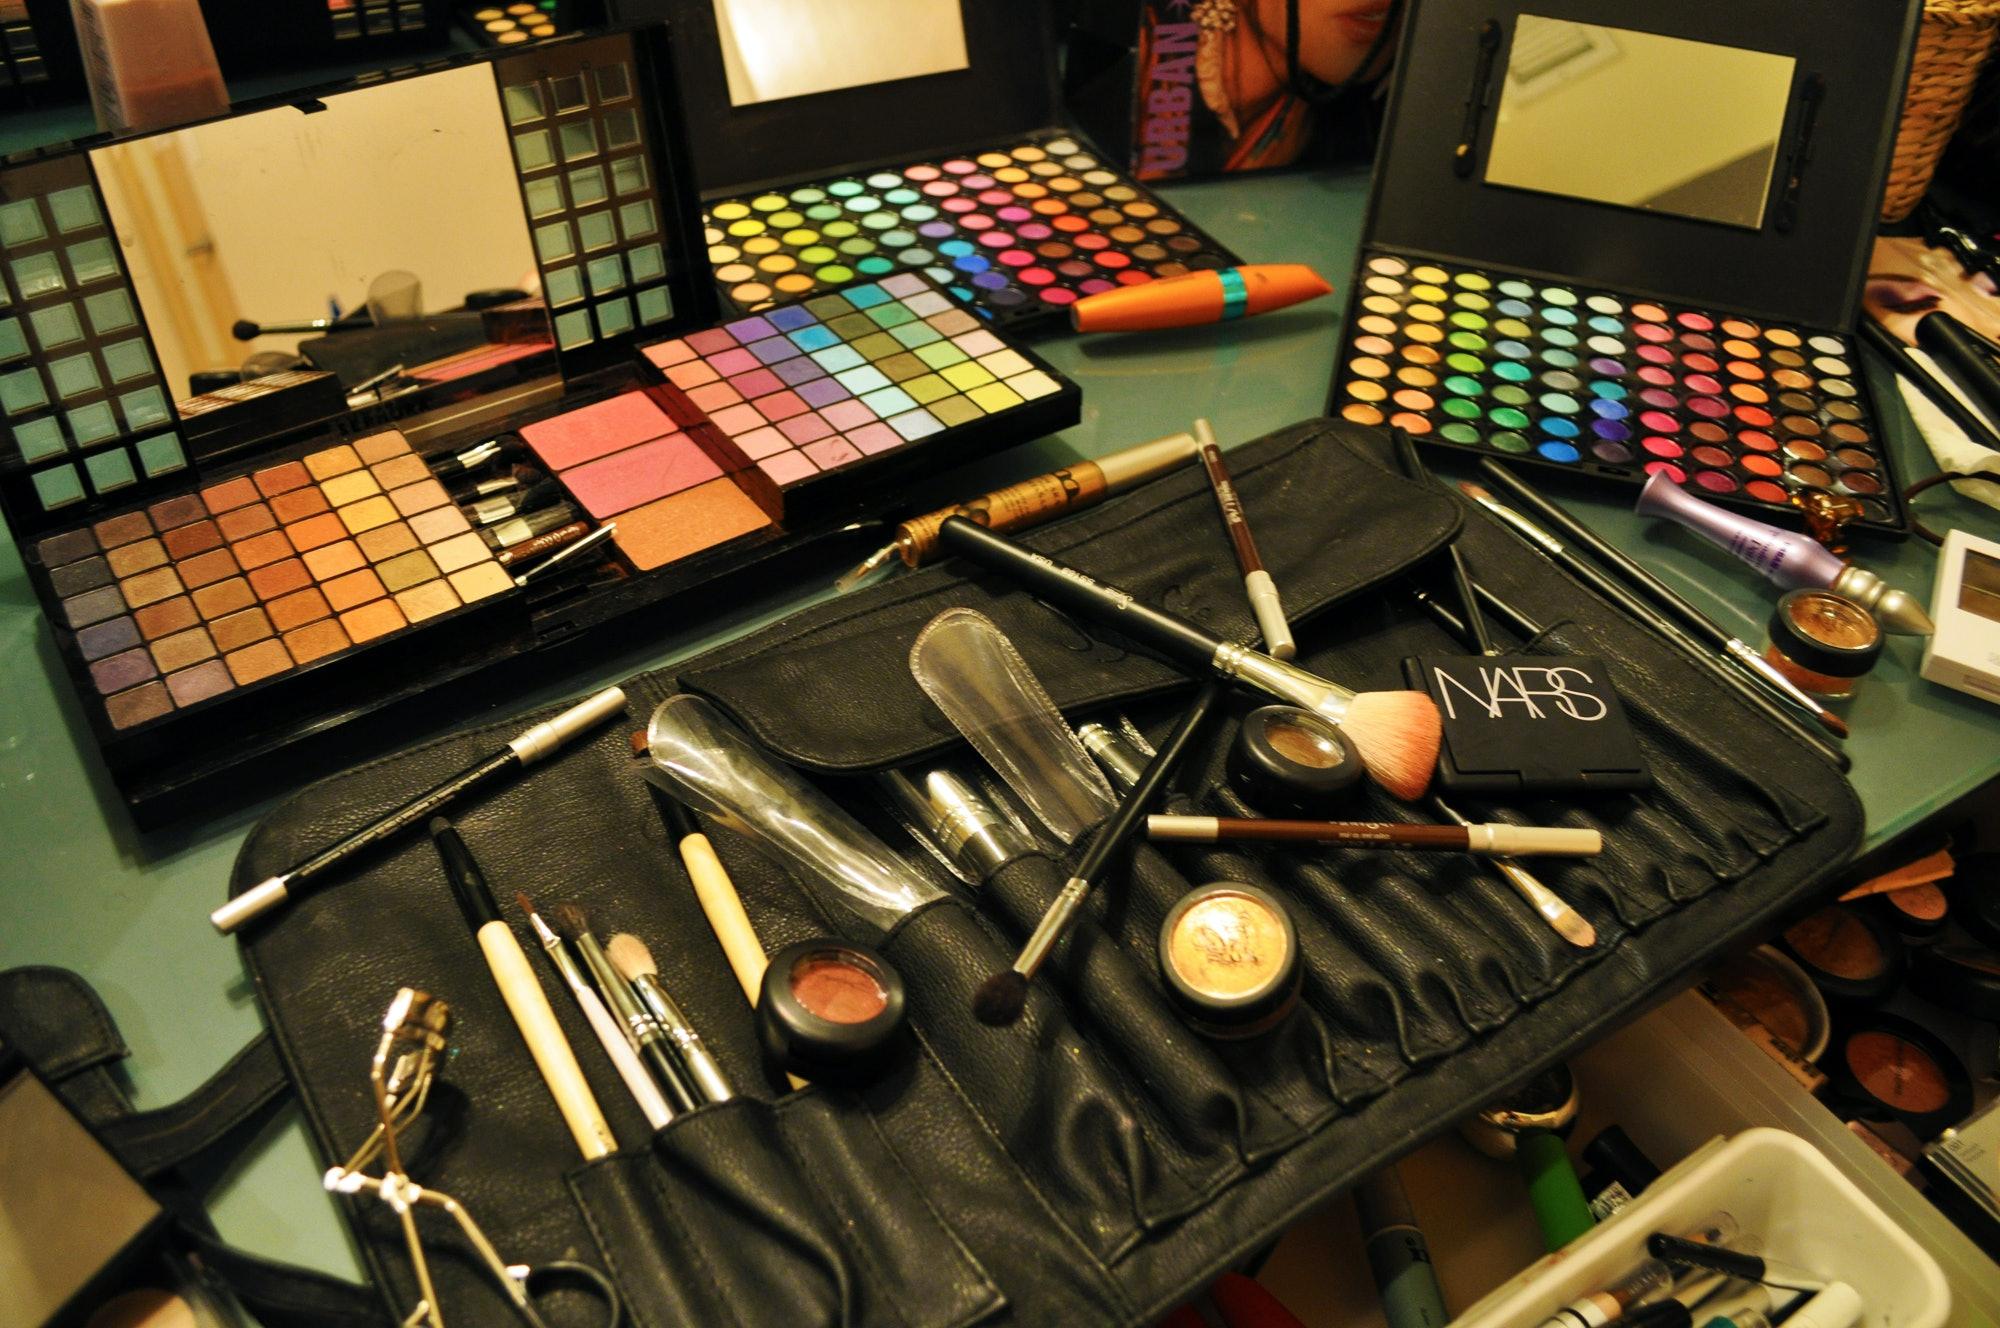 Dating makeup kits